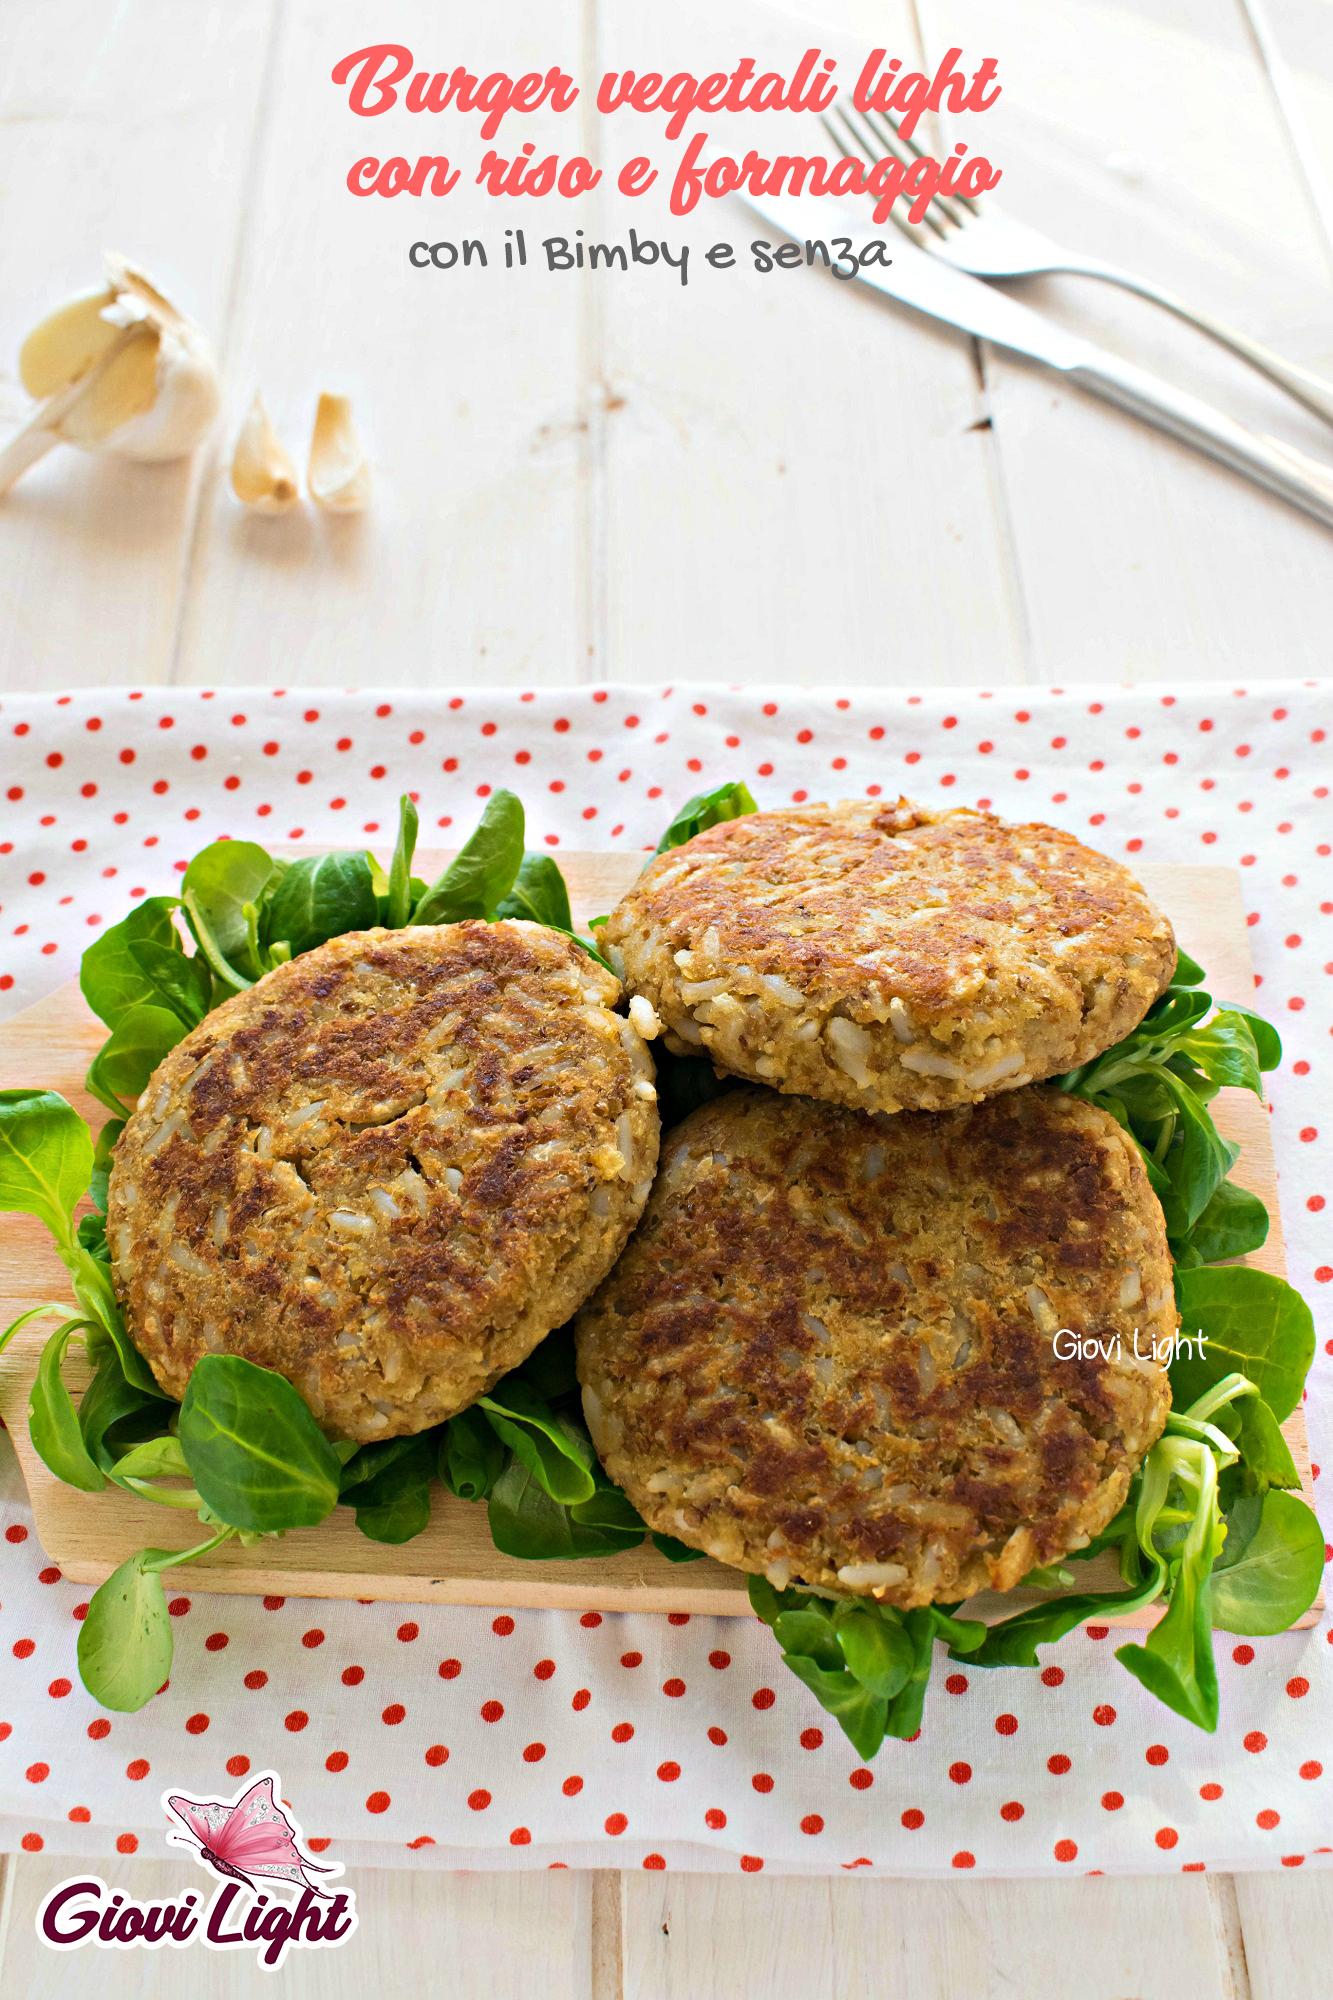 Burger vegetali light con riso e formaggio con il Bimby e senza